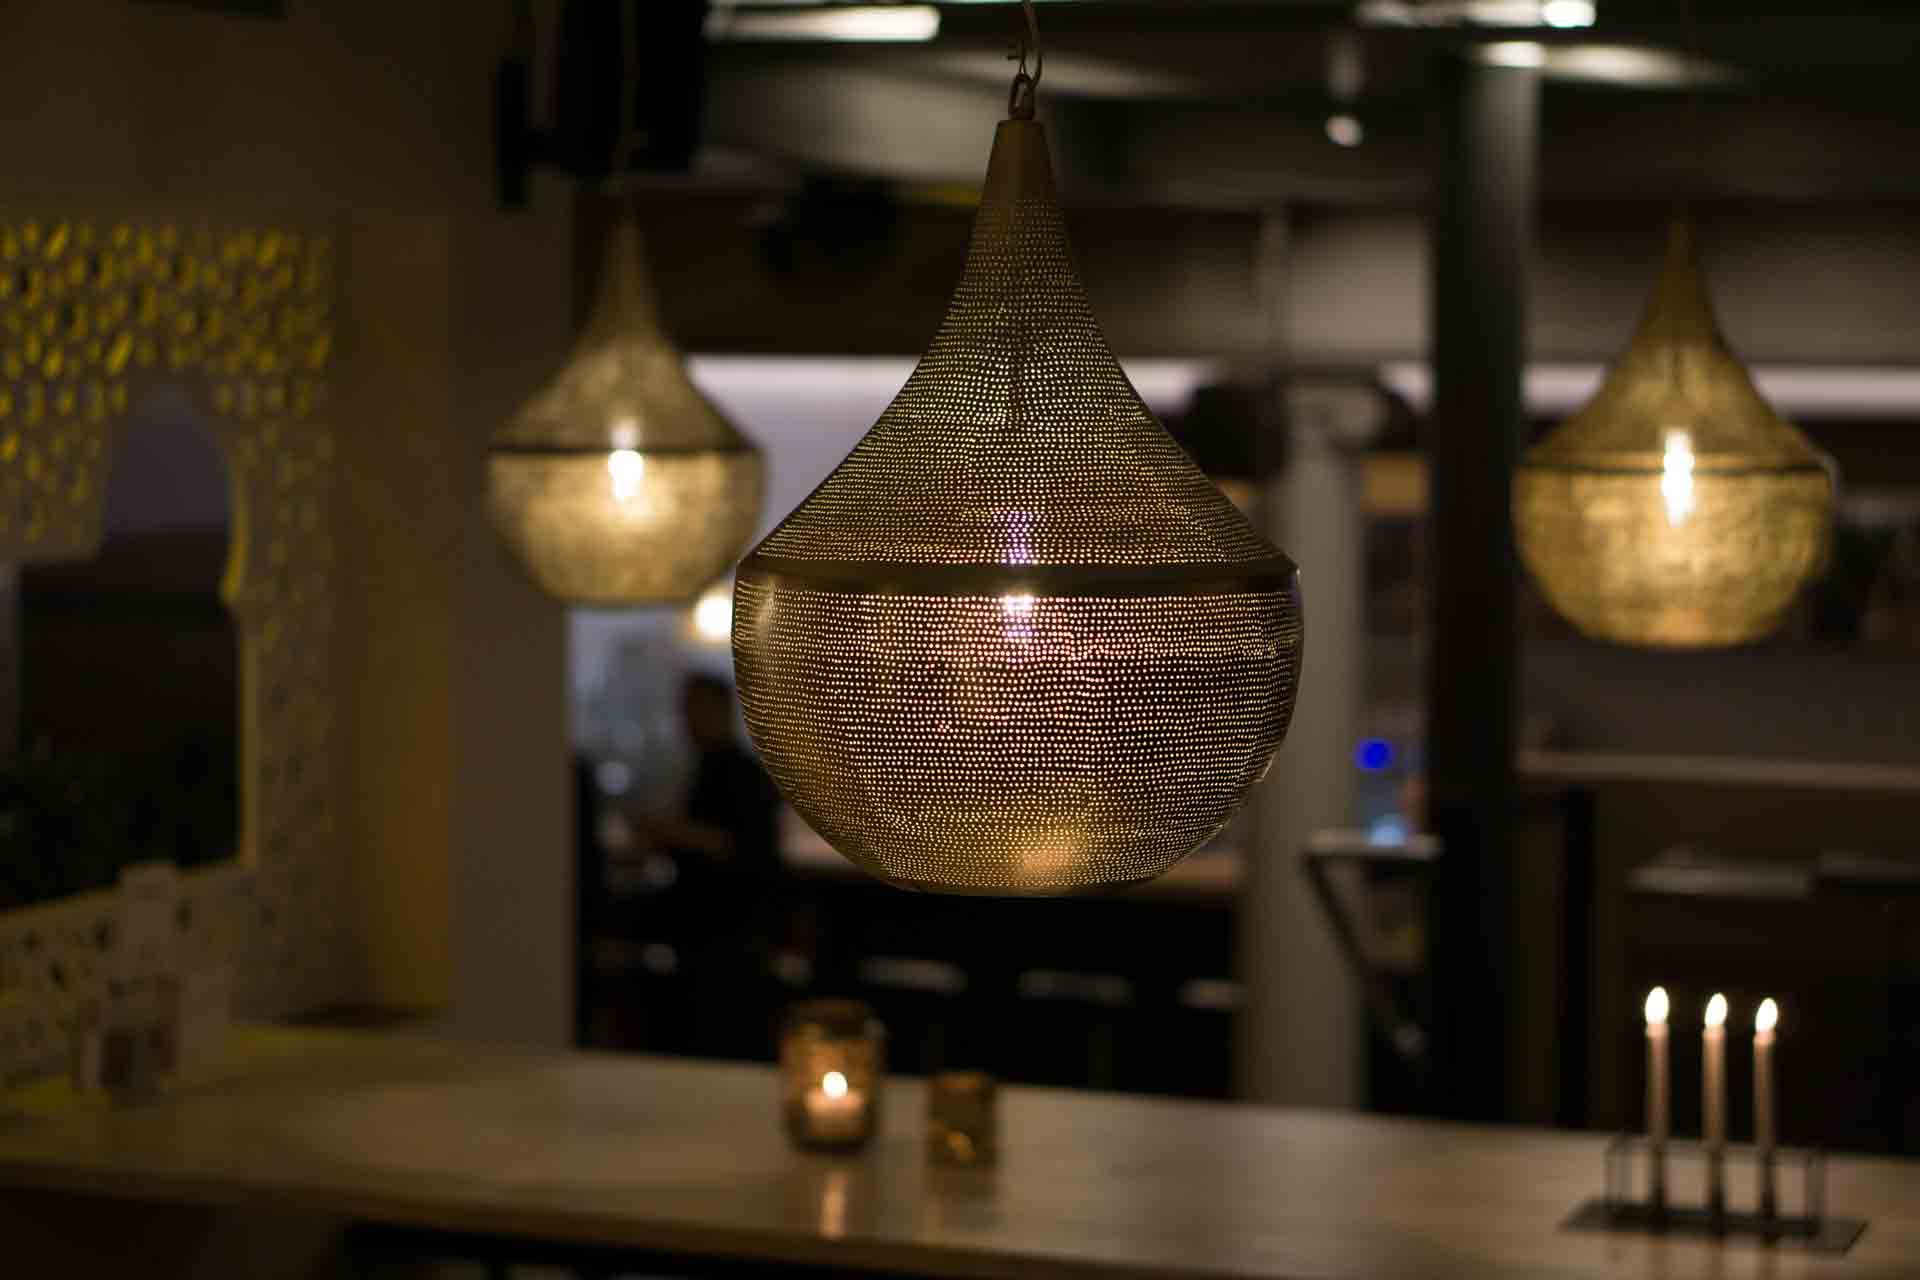 Gastronomieobjekt orientalische Leuchten